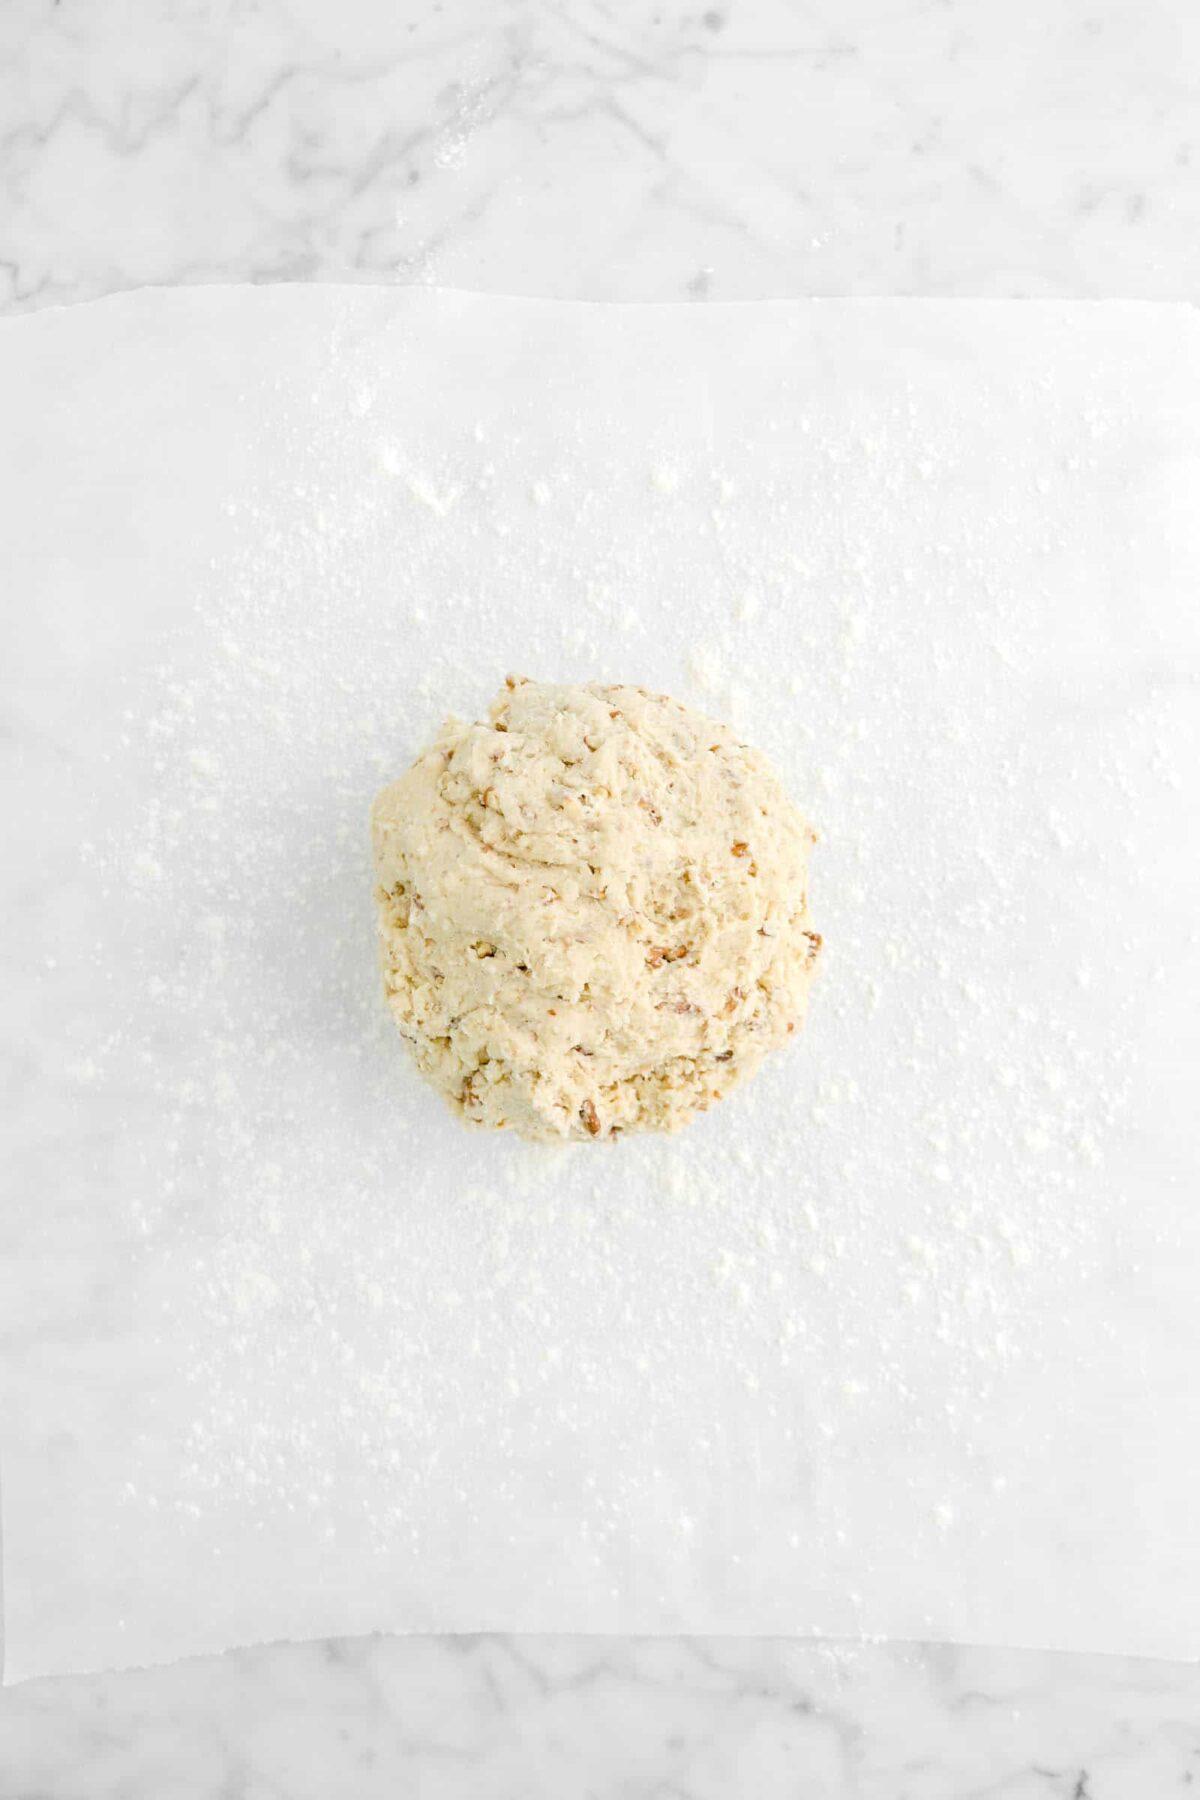 scone dough on floured parchment paper